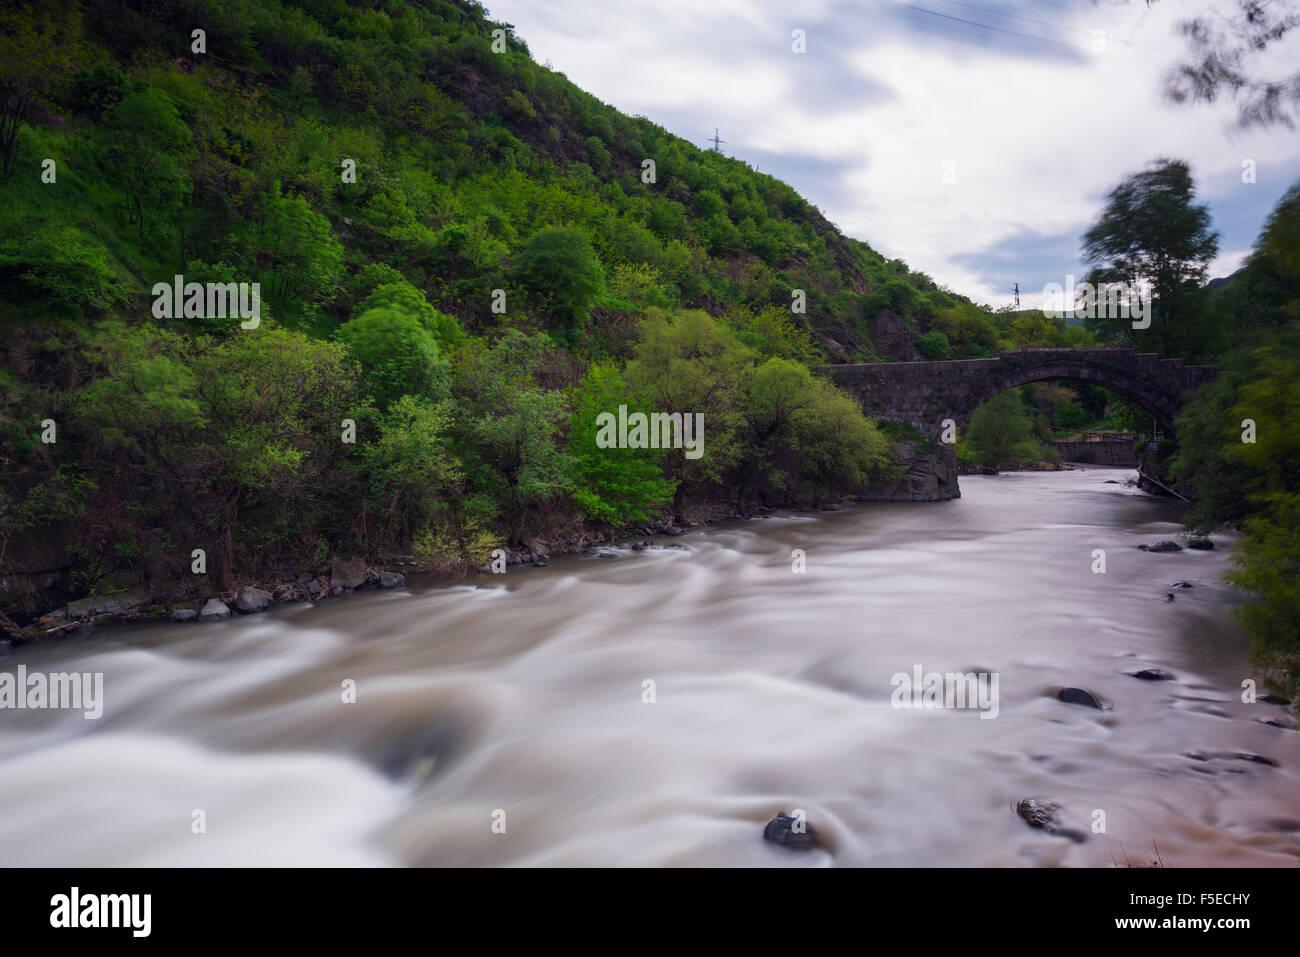 Puente de Piedra, provincia de Lori, Armenia, el Cáucaso, Asia Central, Asia Imagen De Stock